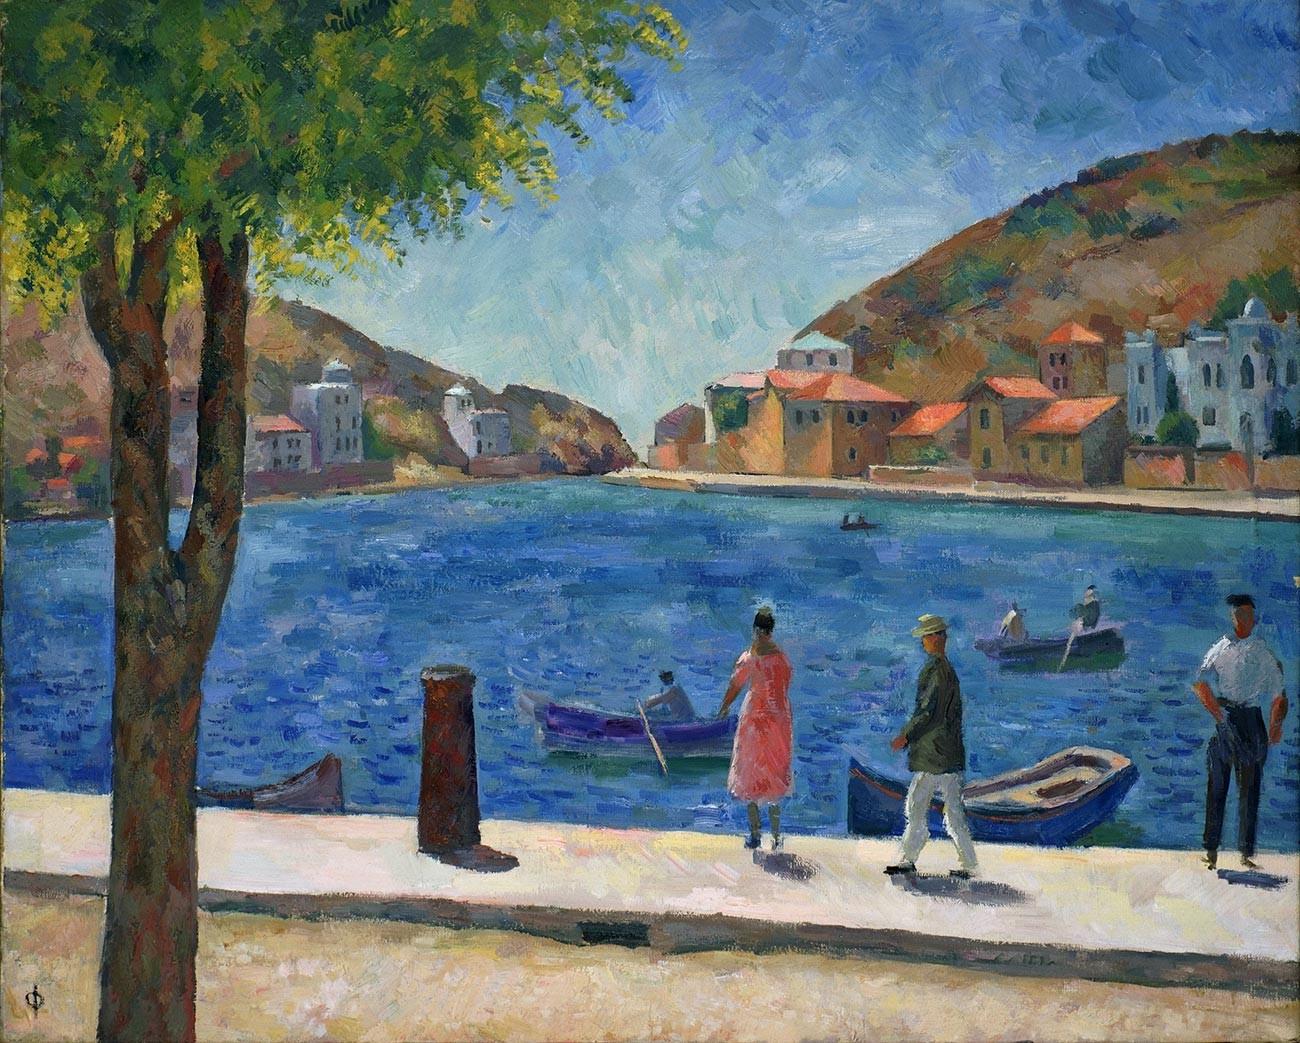 バラクラヴァの入り江、1927年